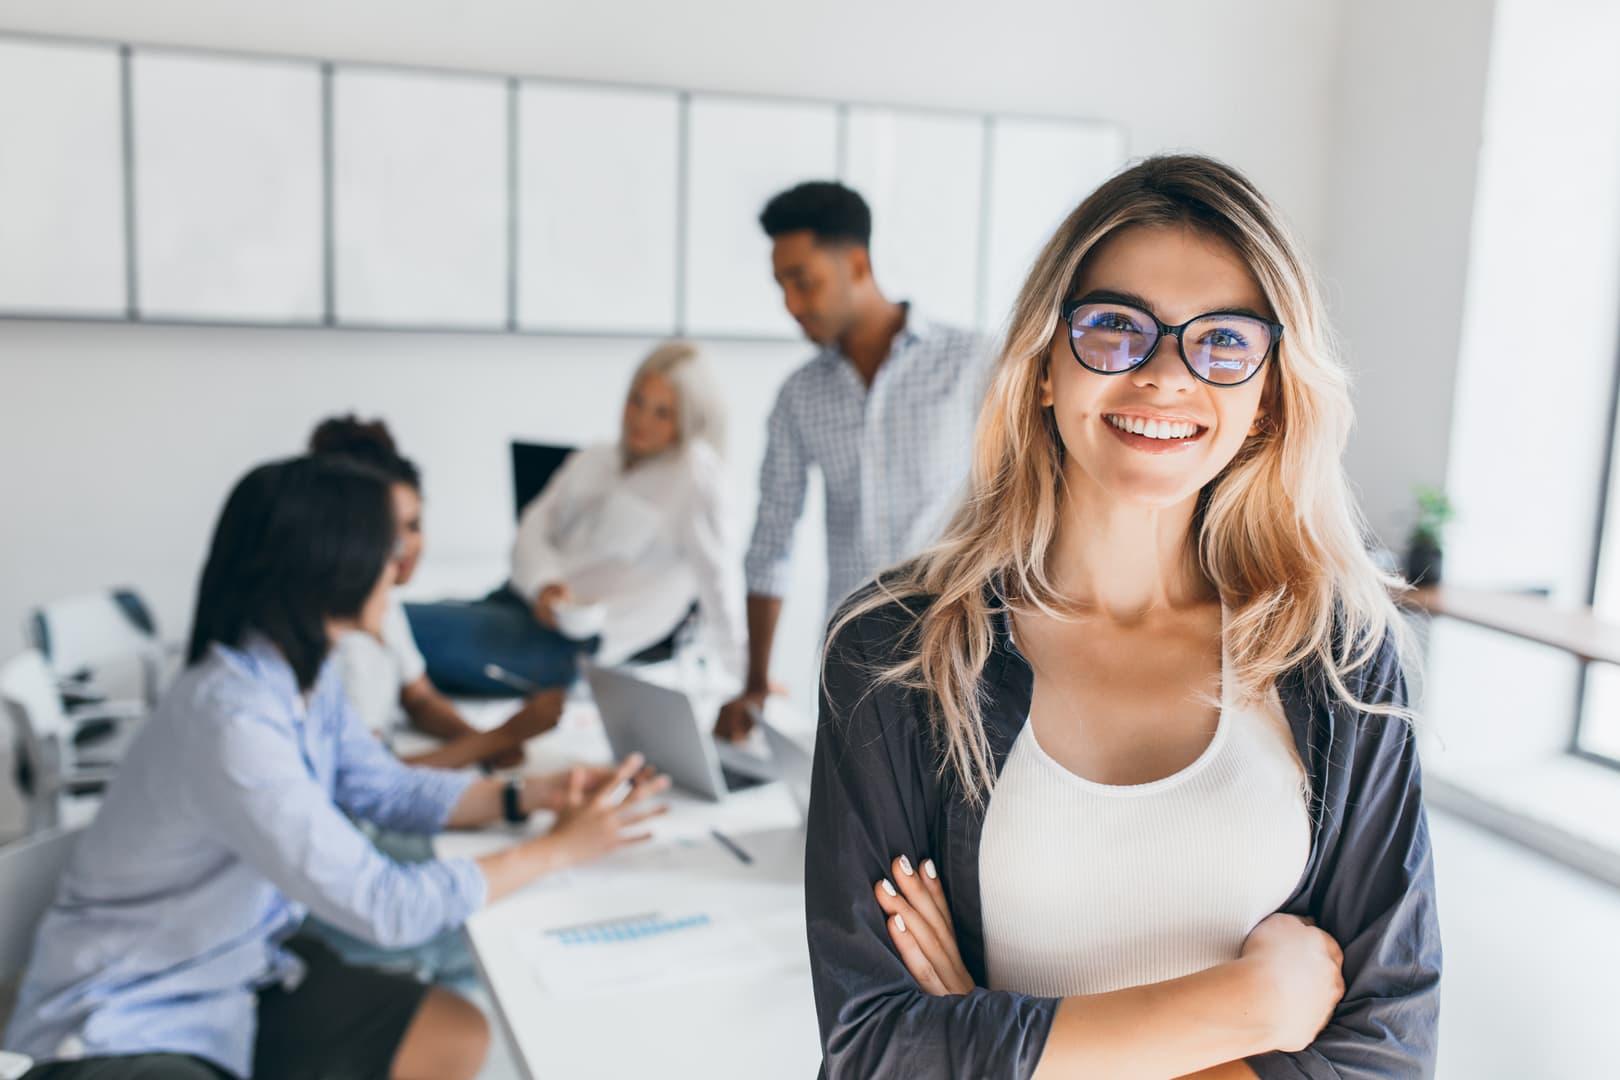 Tipps für Führungskräfte und Tipps für junge, angehende Führungskräfte: 5 Tipps für bessere Team-Ergebnisse und einen entspannten Job als Chef